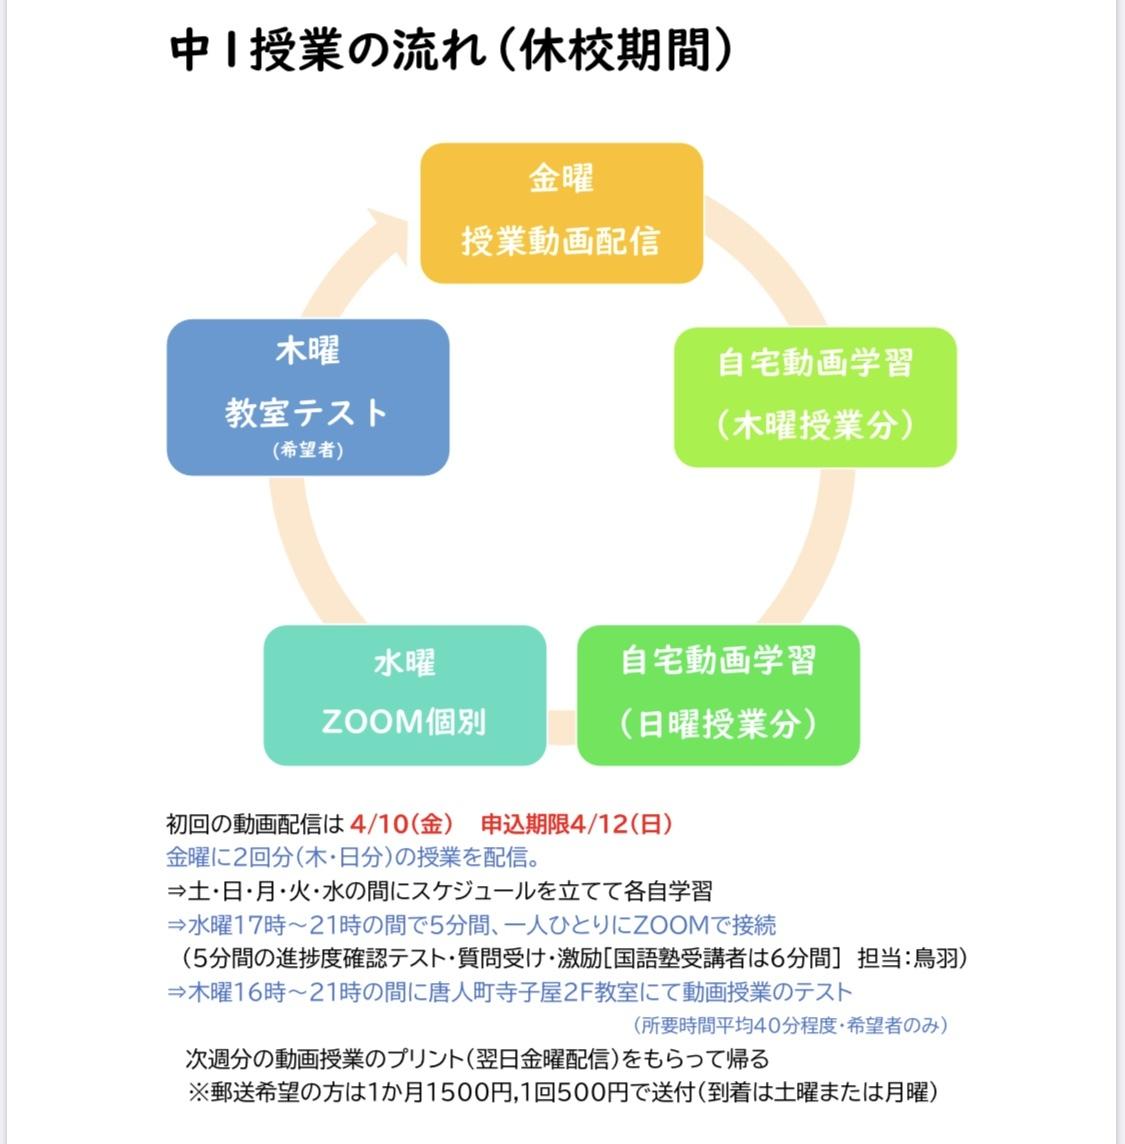 新年度の中学コース授業について【休校期間】_d0116009_02130205.jpg